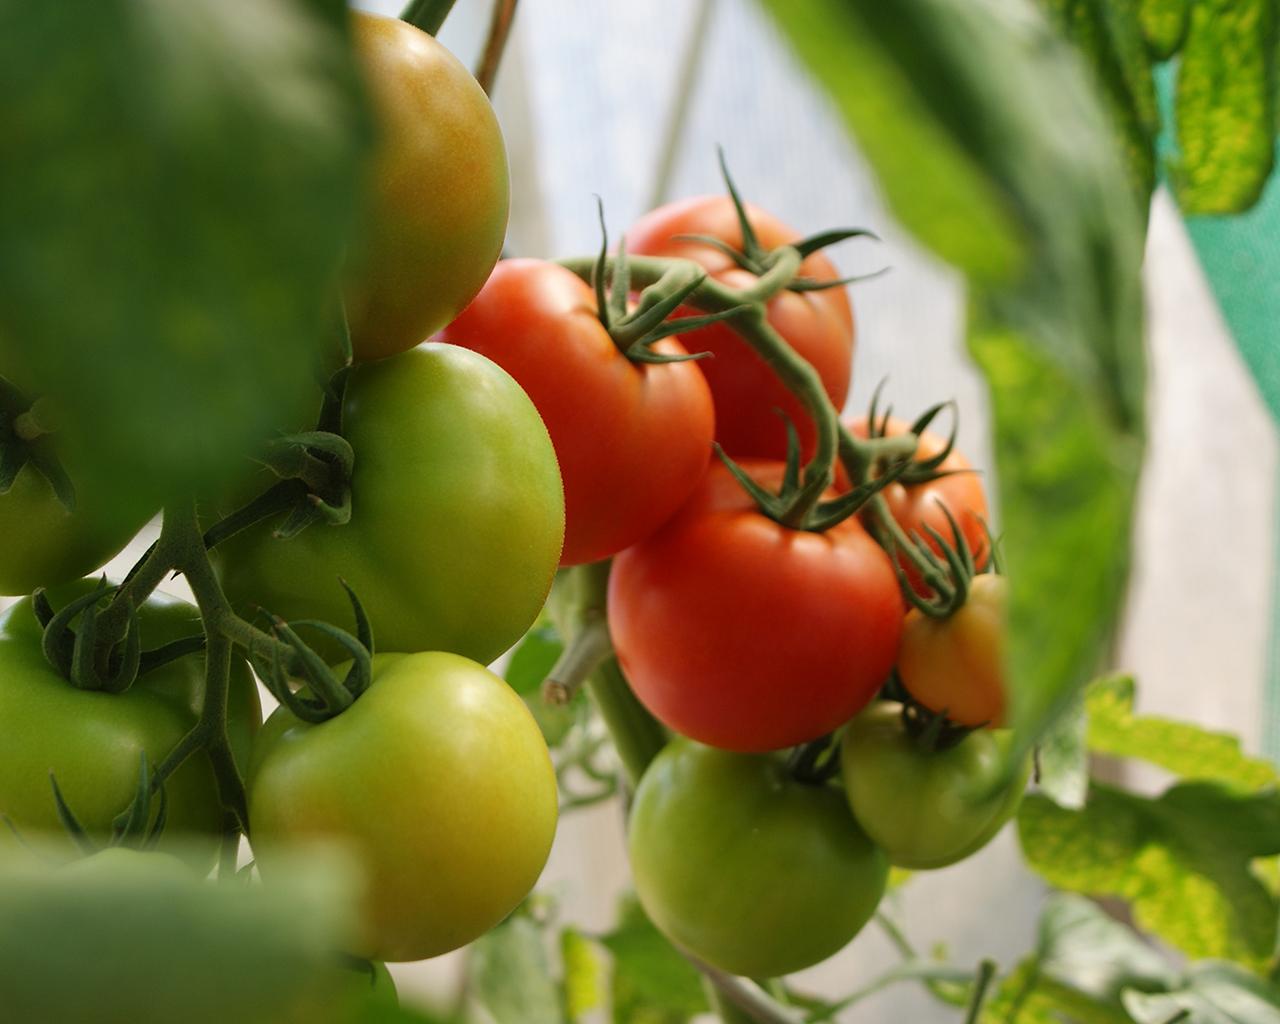 Estudian la prevención para enfermedades cardiovasculares en componentes naturales como el tomate y el maqui